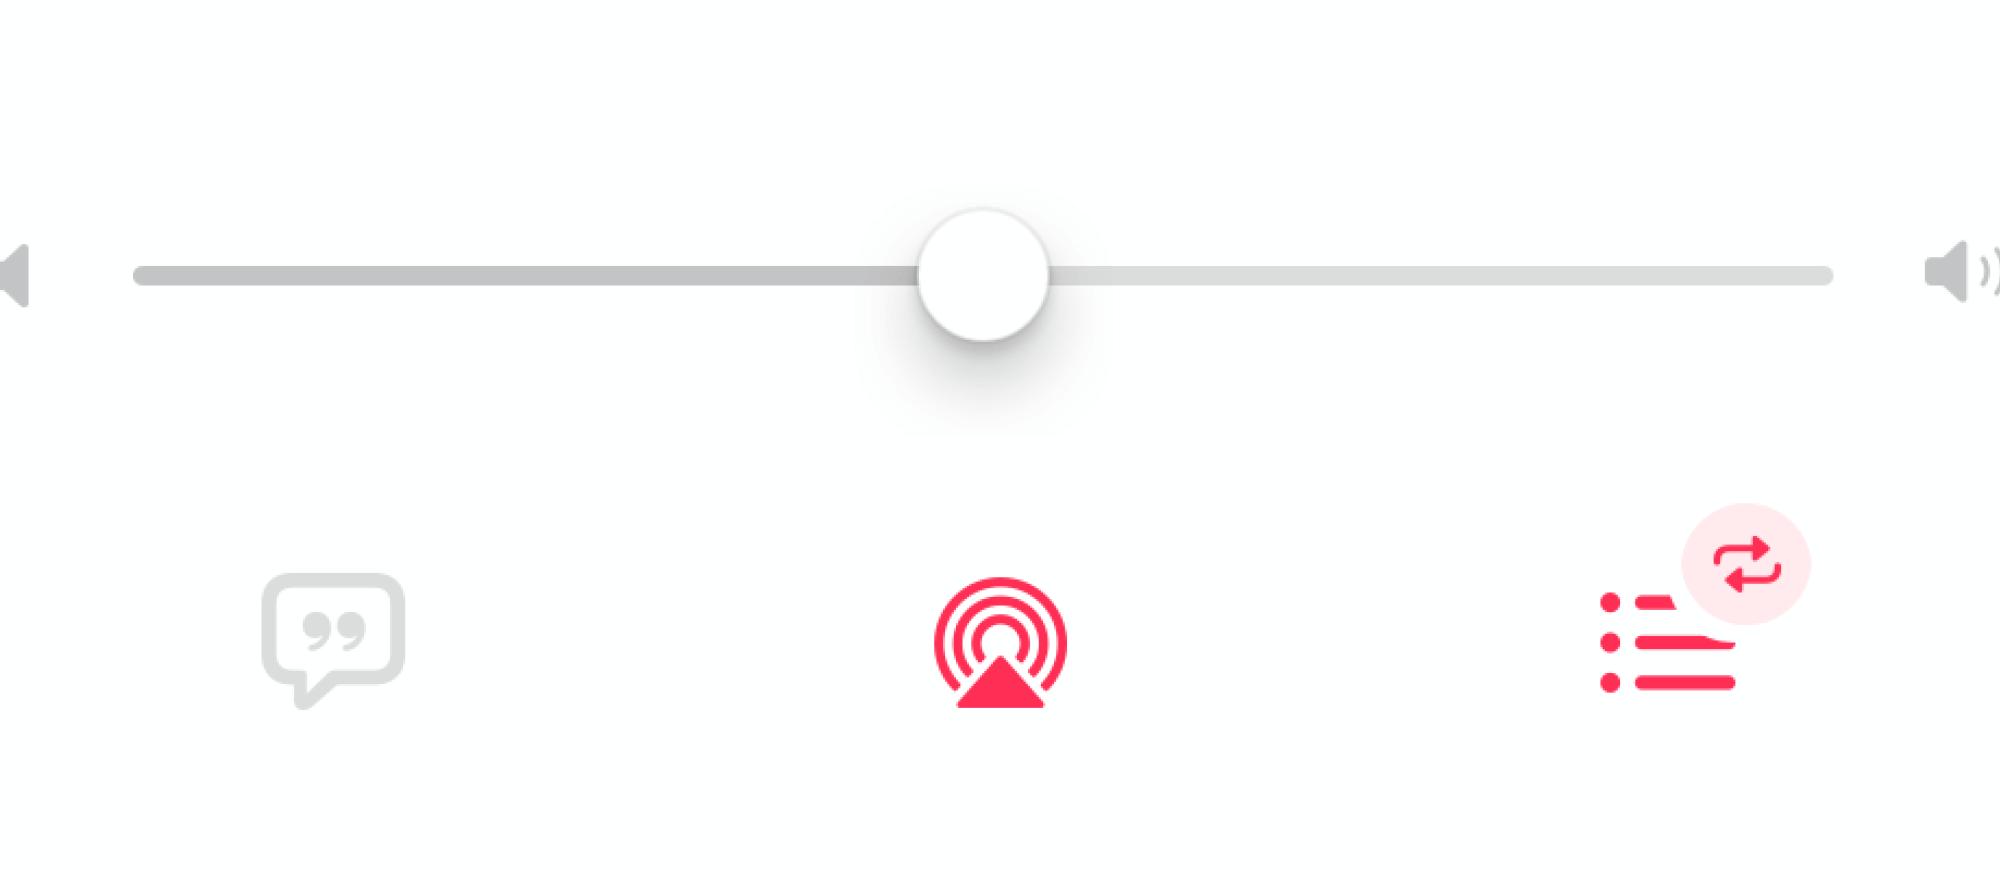 Repetir Canción iOS 13